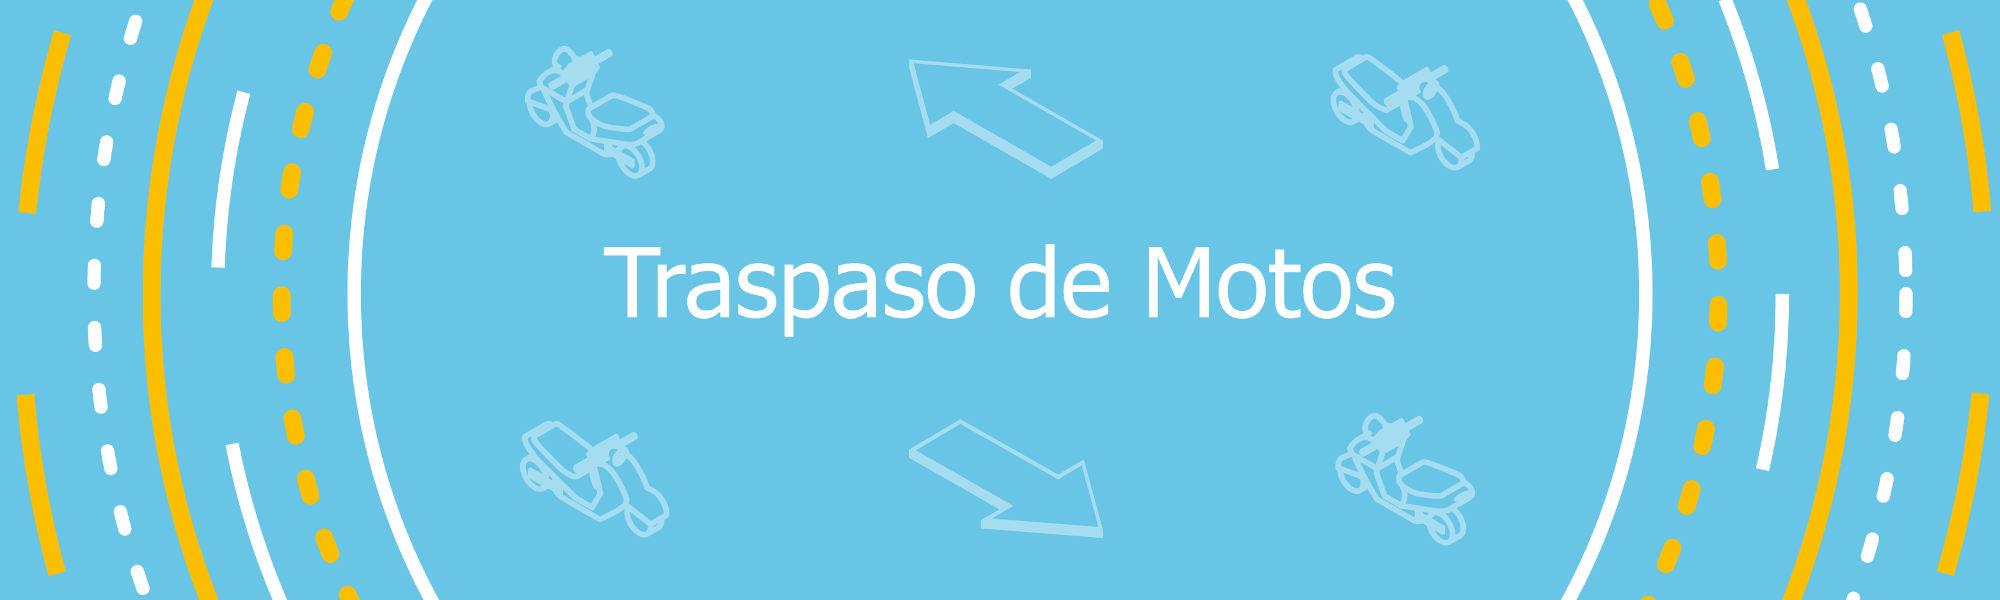 Traspaso de motos en Tenerife